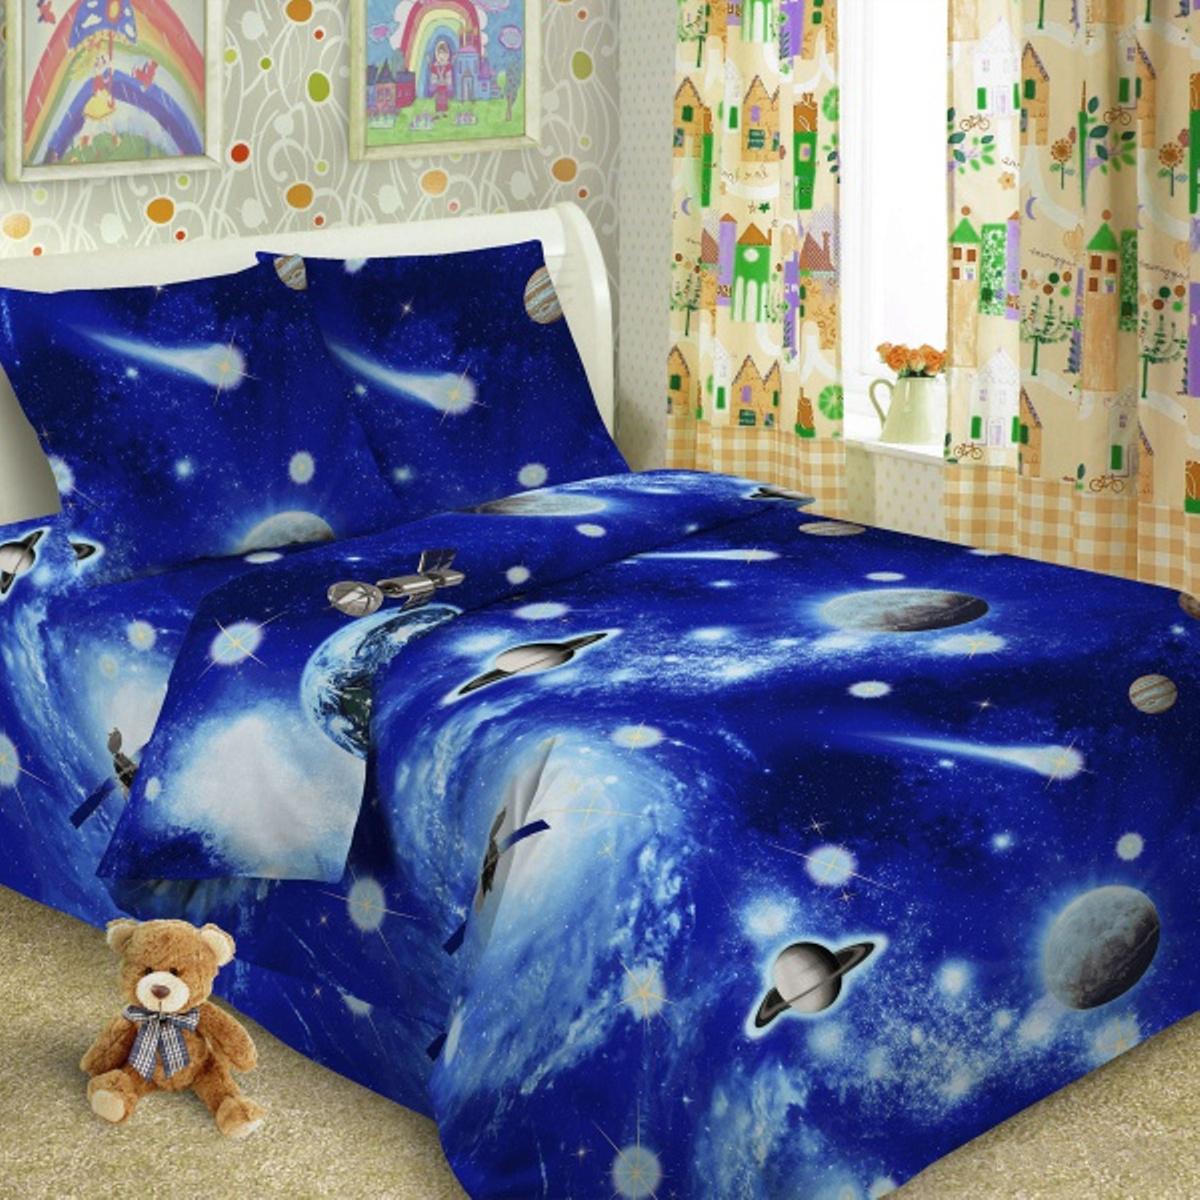 Комплект детского постельного белья Letto  Космос , 1,5 спальный, наволочка 50x70. kosmos50 -  Детский текстиль